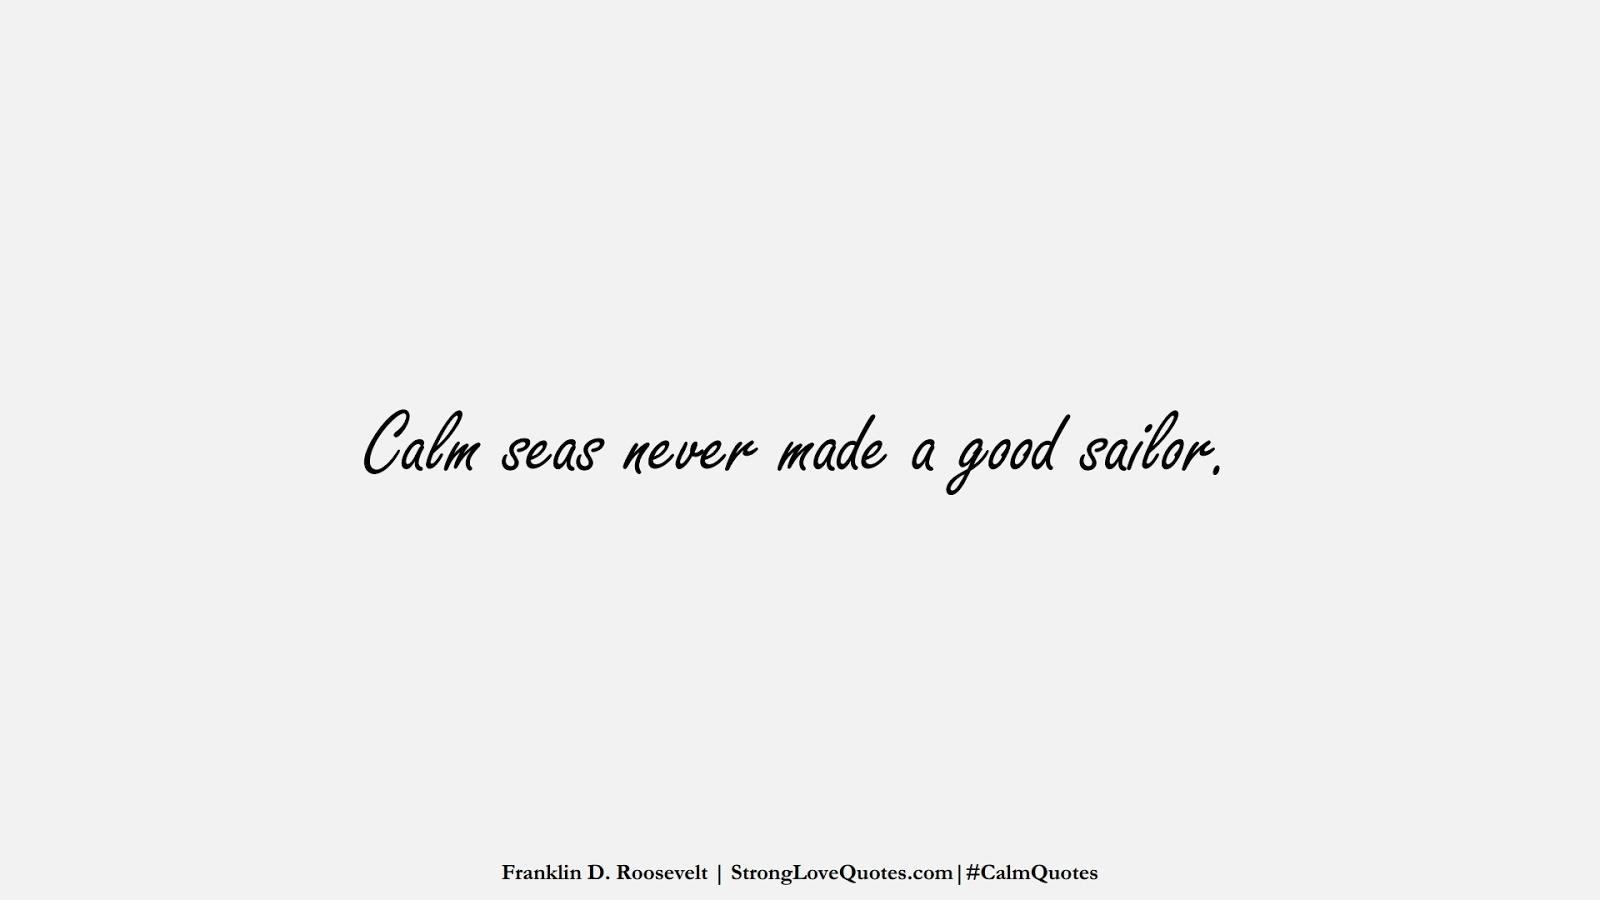 Calm seas never made a good sailor. (Franklin D. Roosevelt);  #CalmQuotes